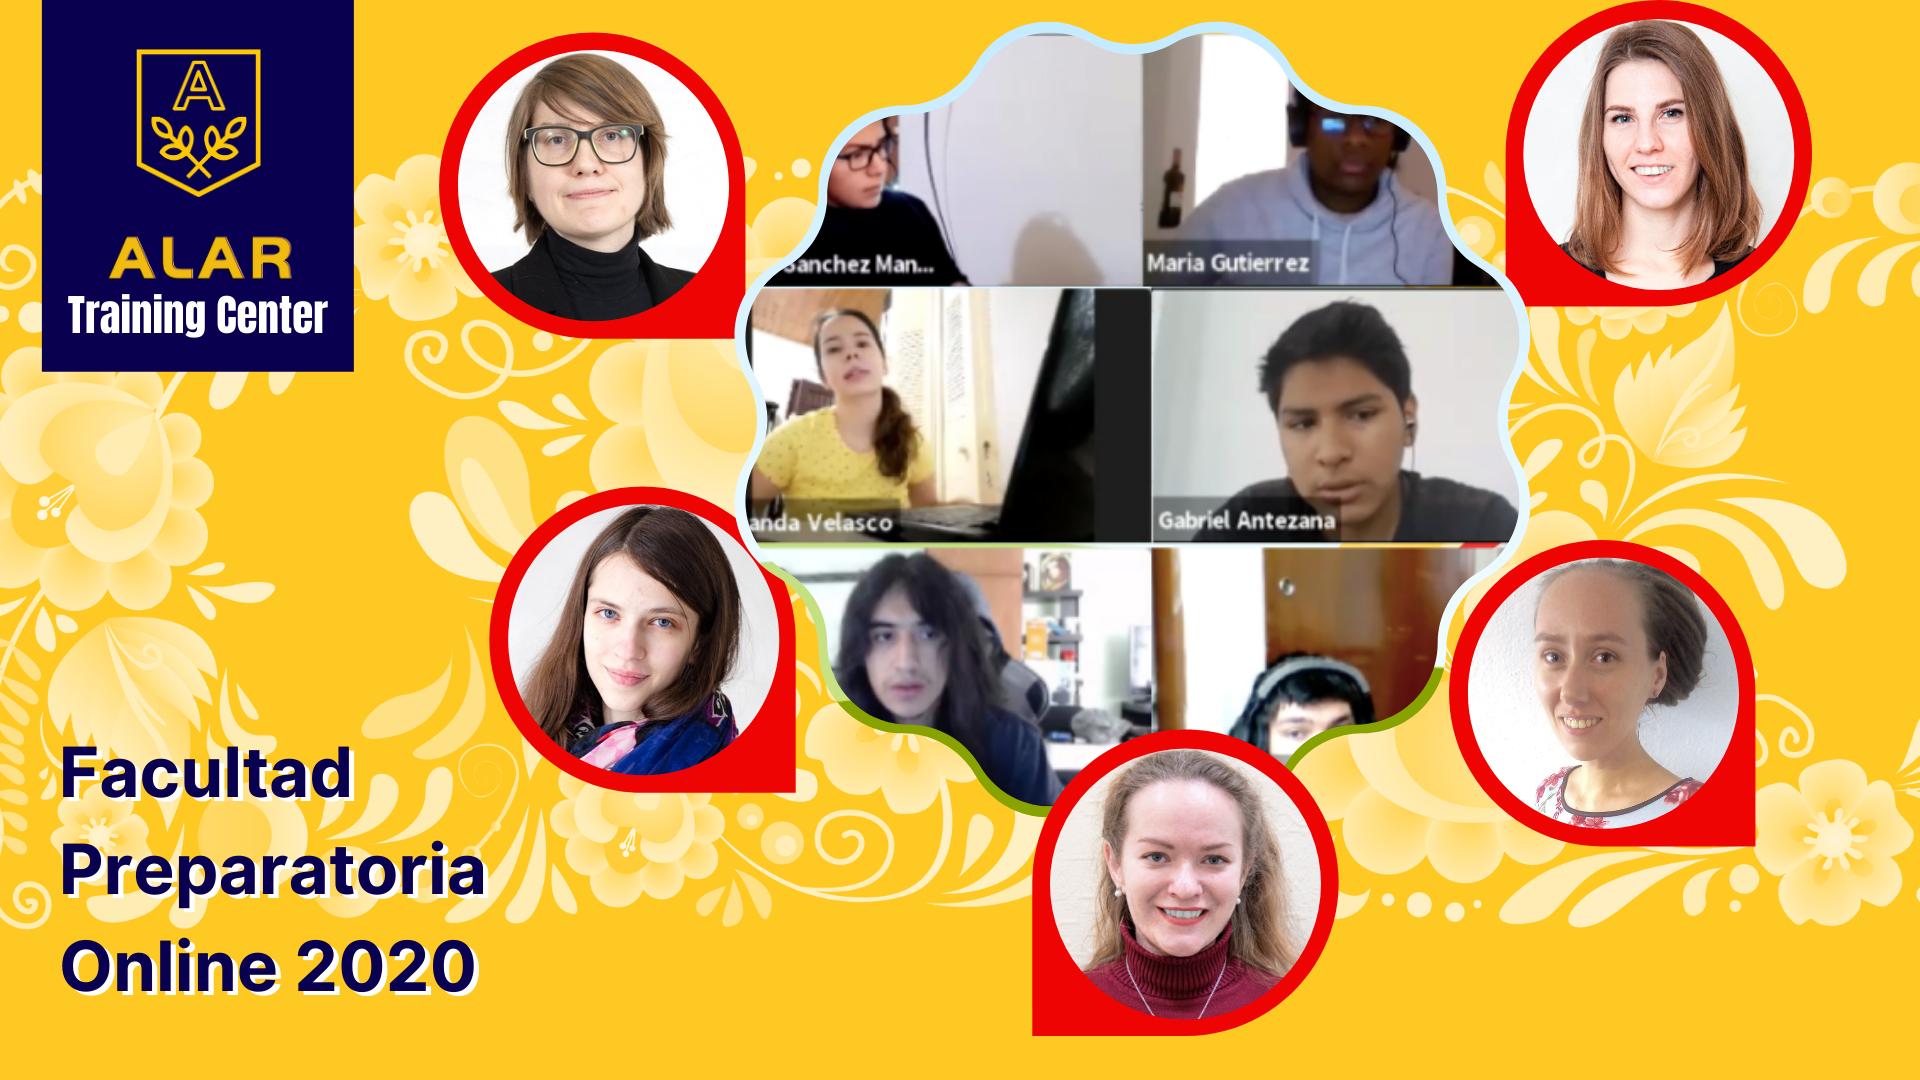 Facultad Preparatoria Online 2020 : Orgullosos del éxito de nuestros estudiantes